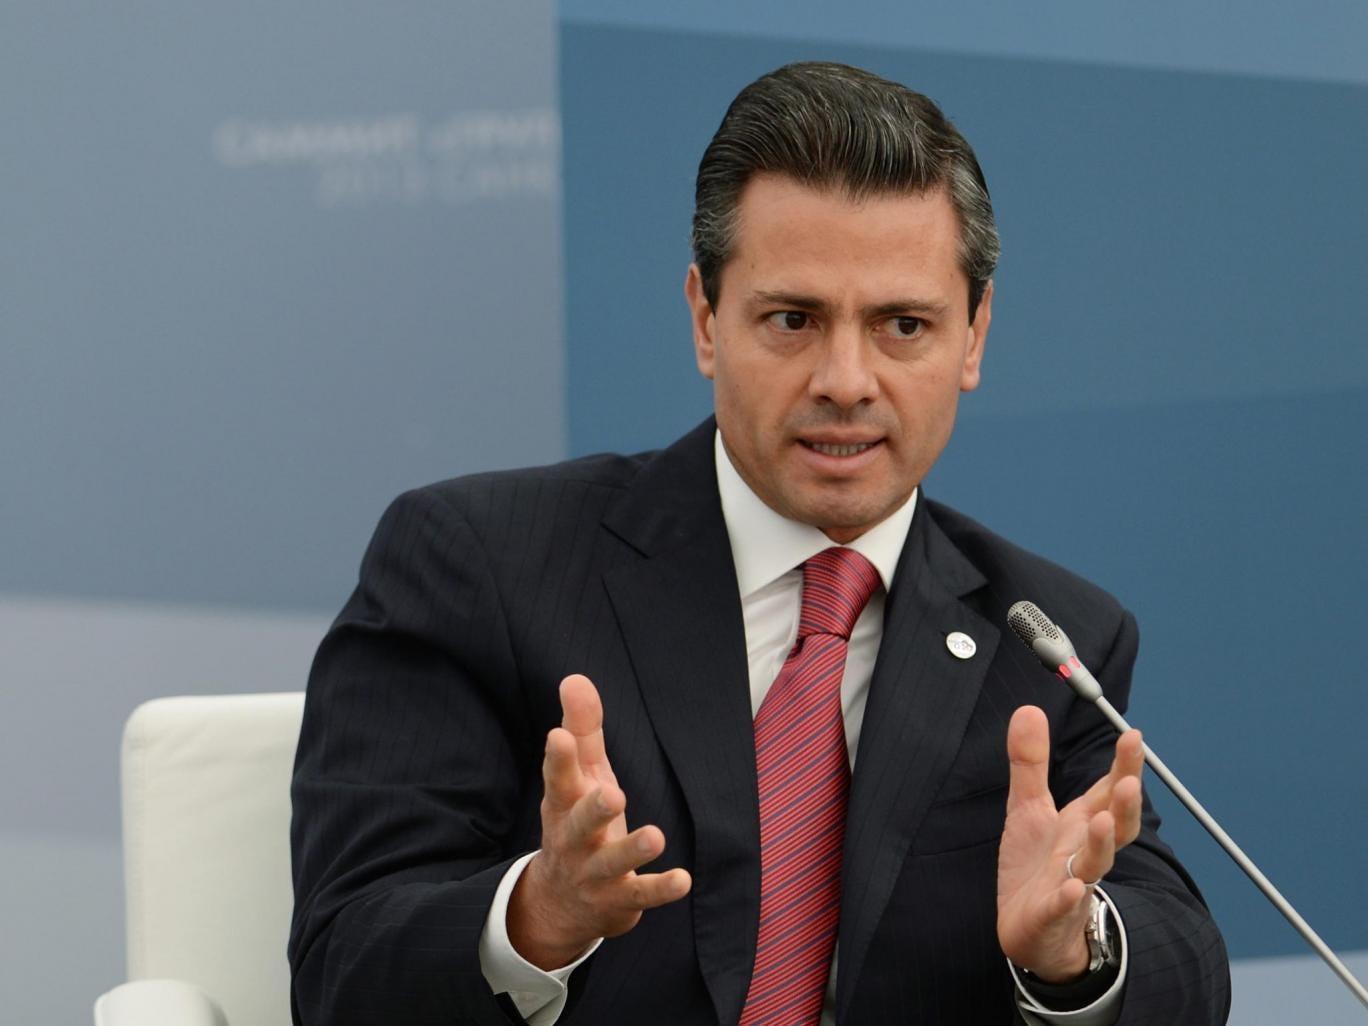 President of Mexico Enrique Pena Nieto